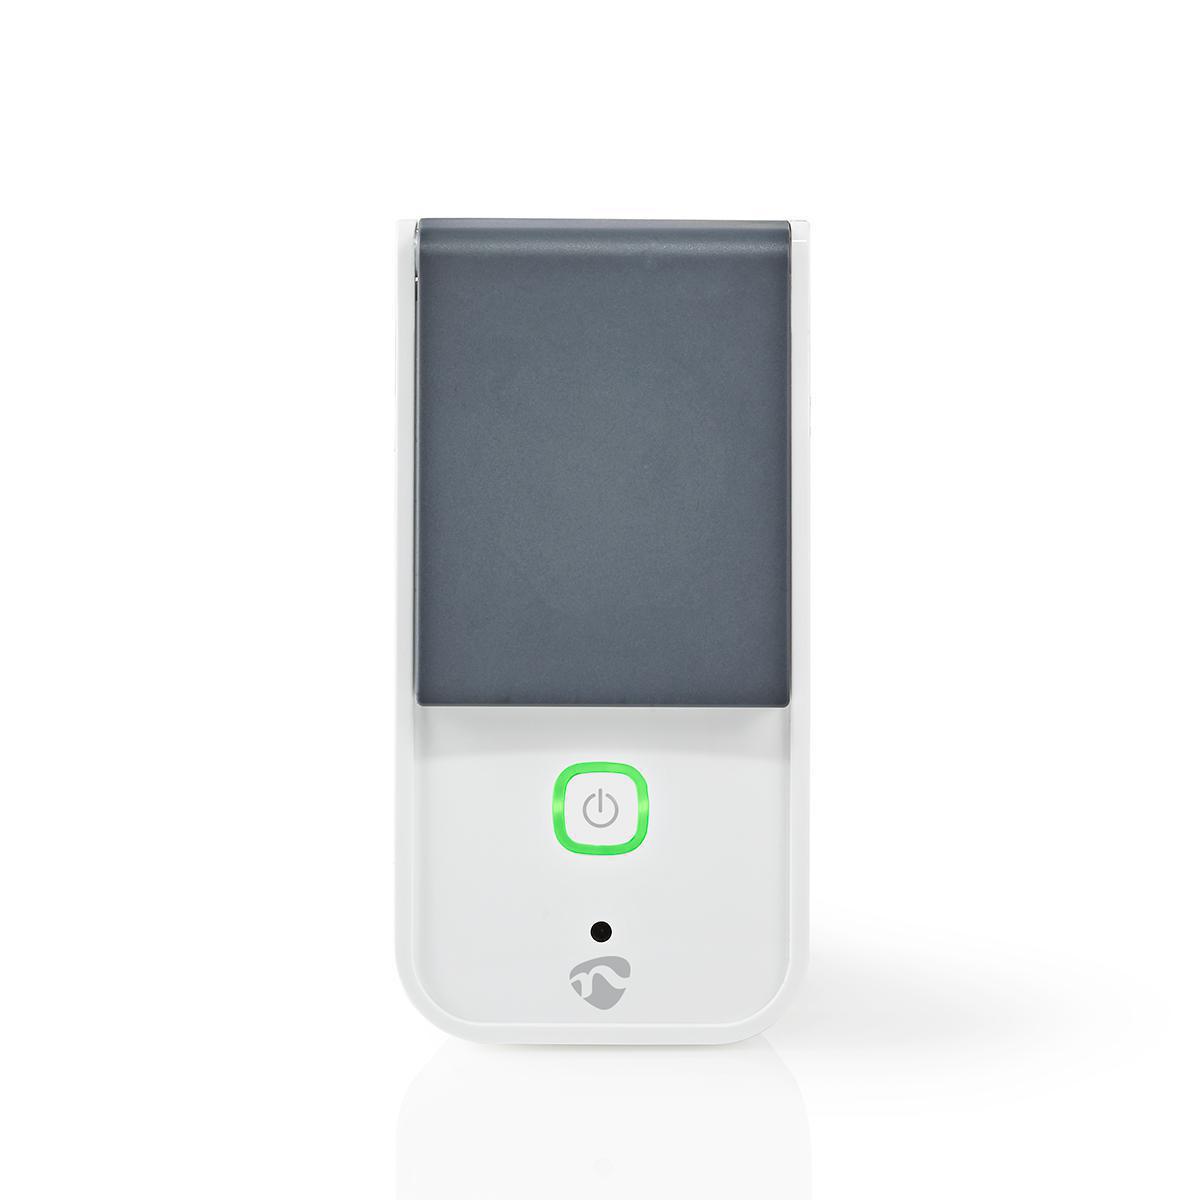 Wi-Fi Smart Plug para Outdoor | Resistente a salpicos | IP44 Monitor de consumo | Schuko tipo F | 16 A